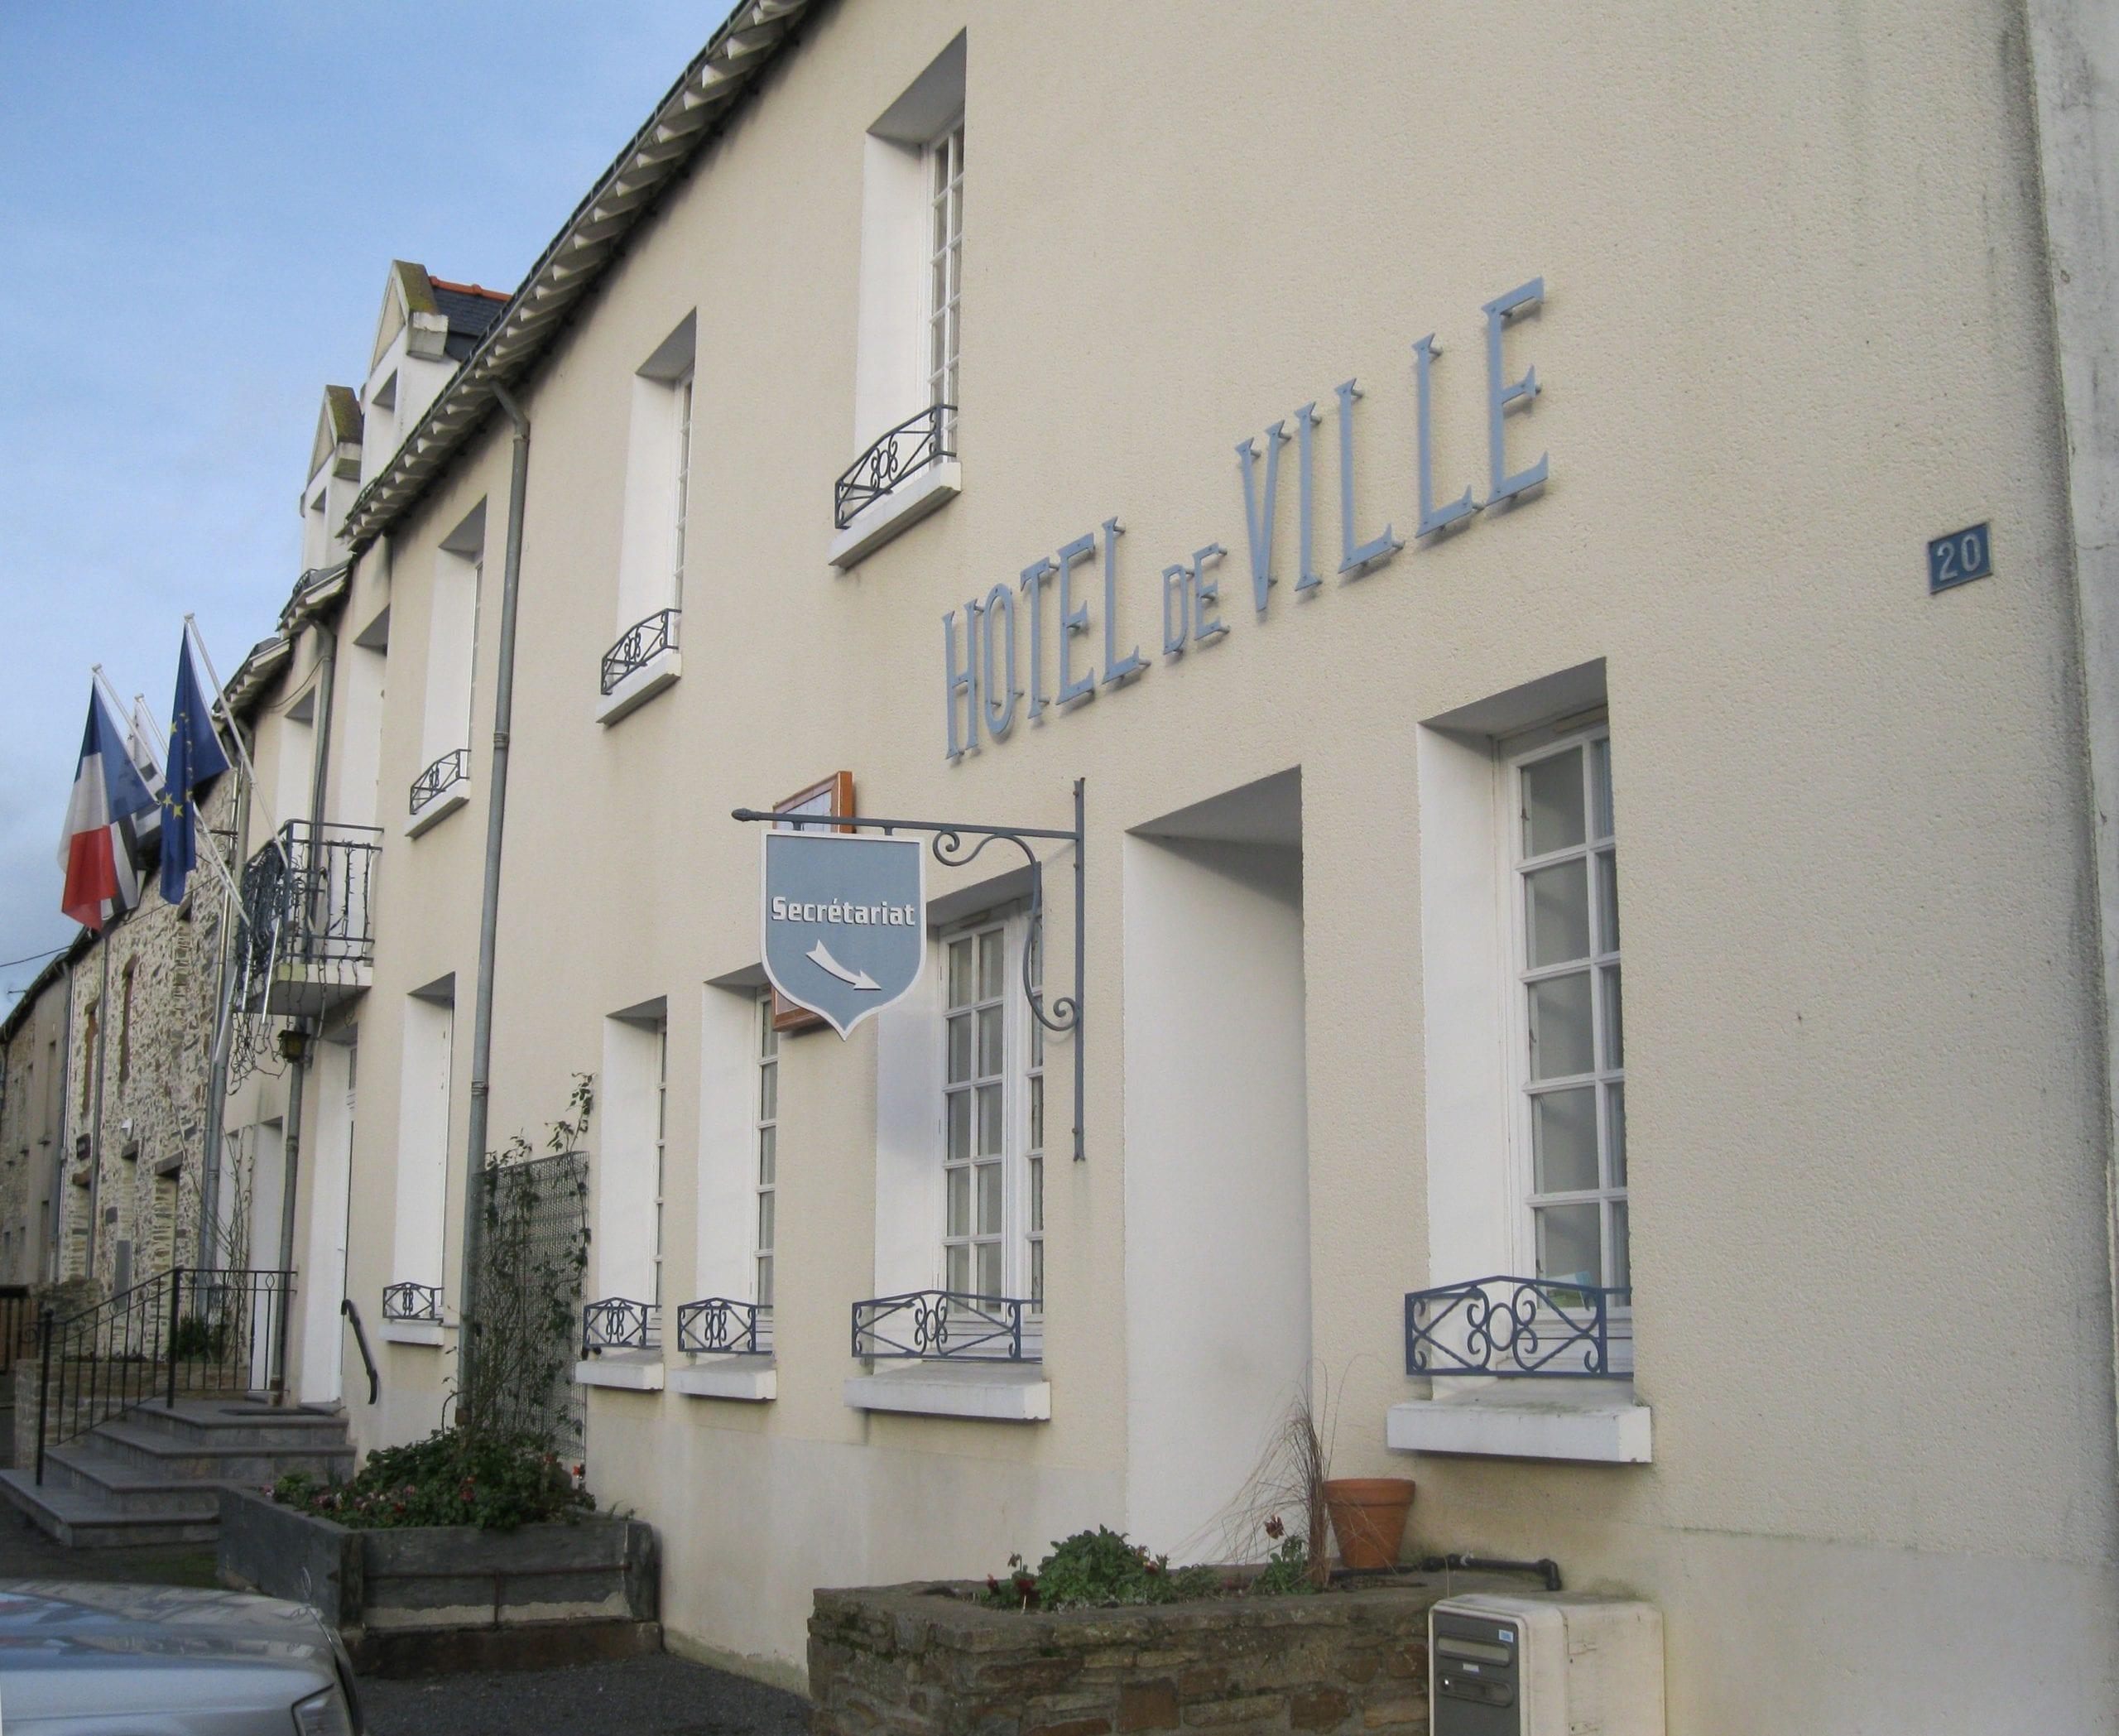 hotel-de-ville-du-ga-cc-82vre